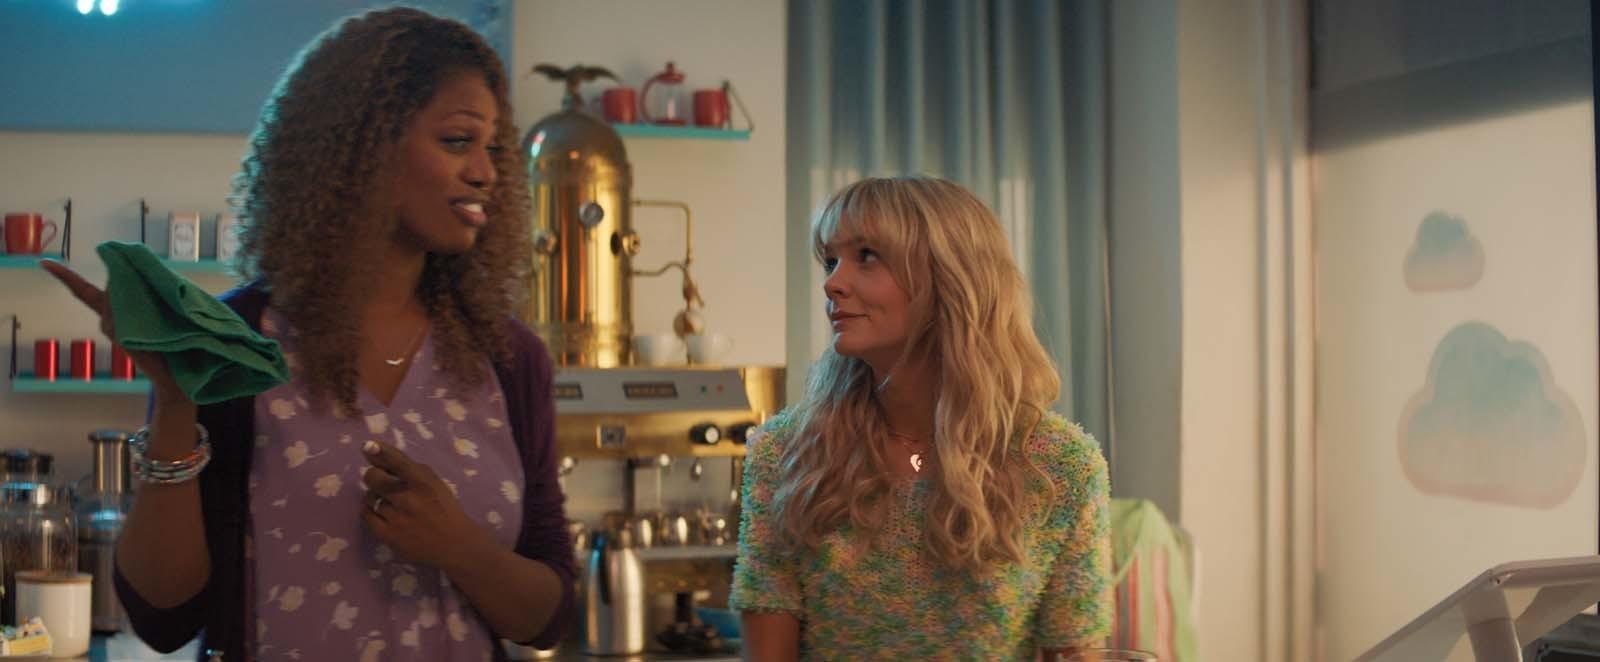 """La actriz trans Laverne Cox también forma parte del reparto de """"Una joven prometedora""""."""